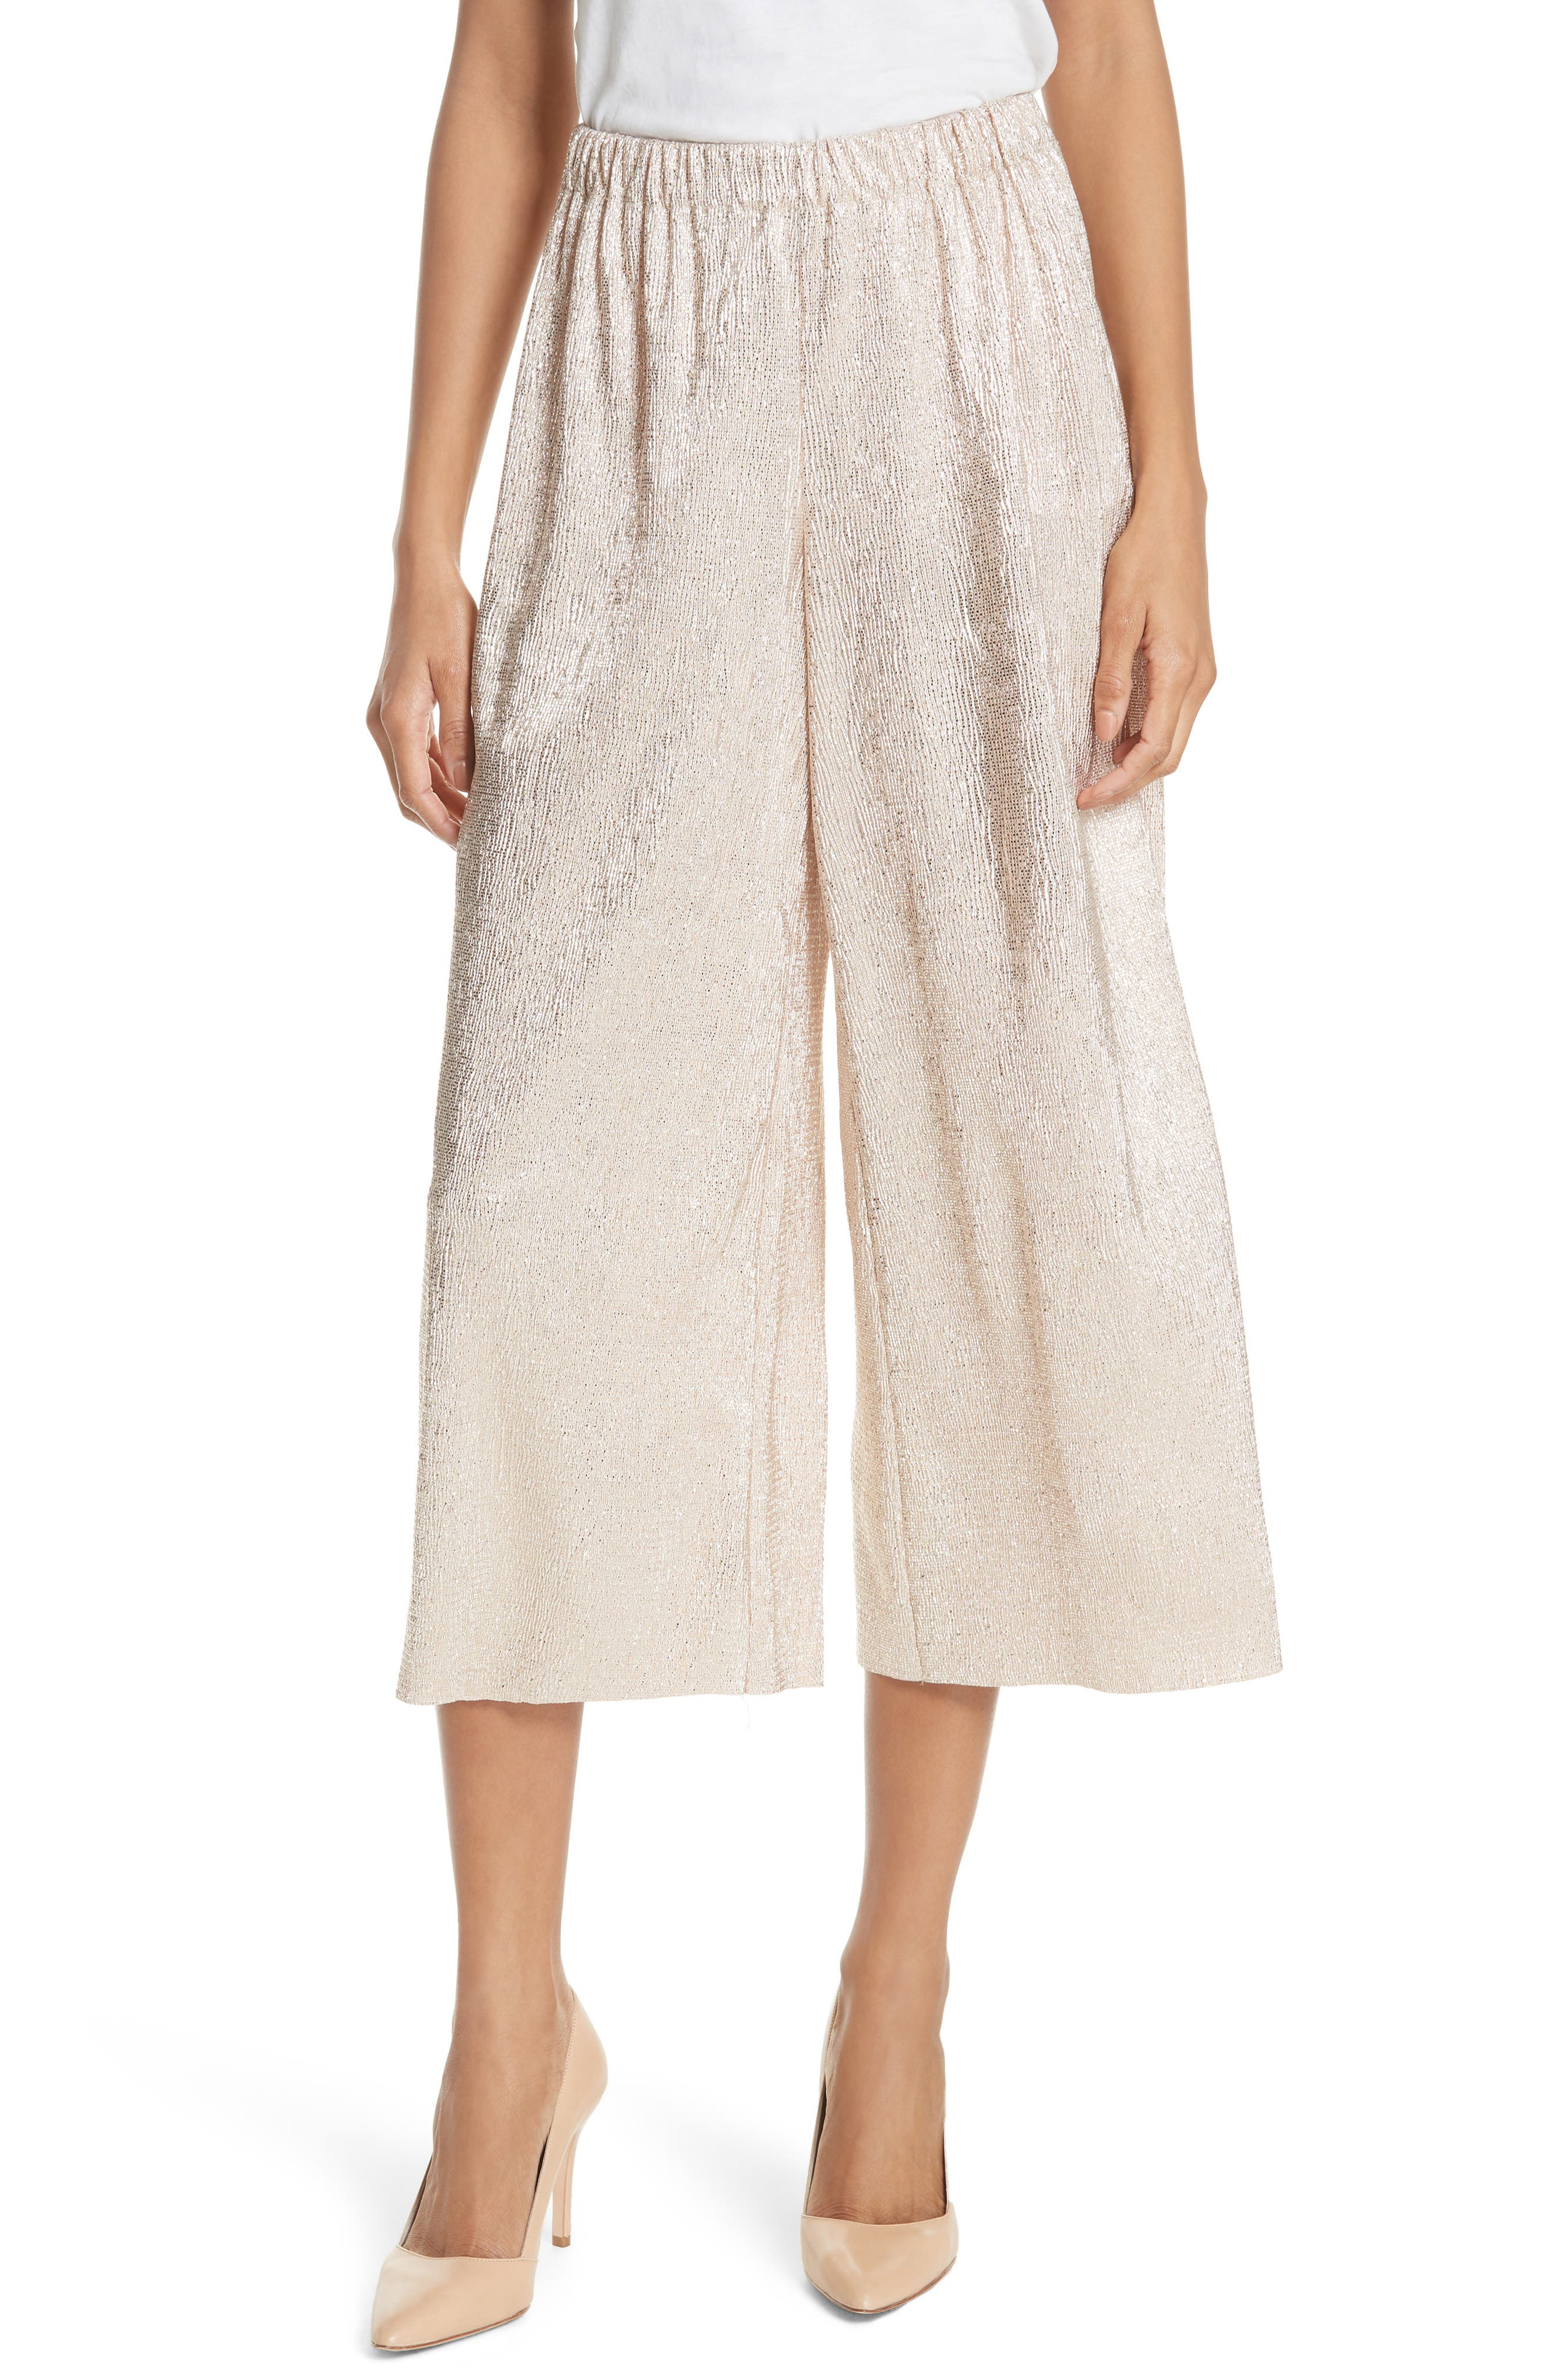 Alice + Olivia Elba Textured Crepe Wide Leg Pants